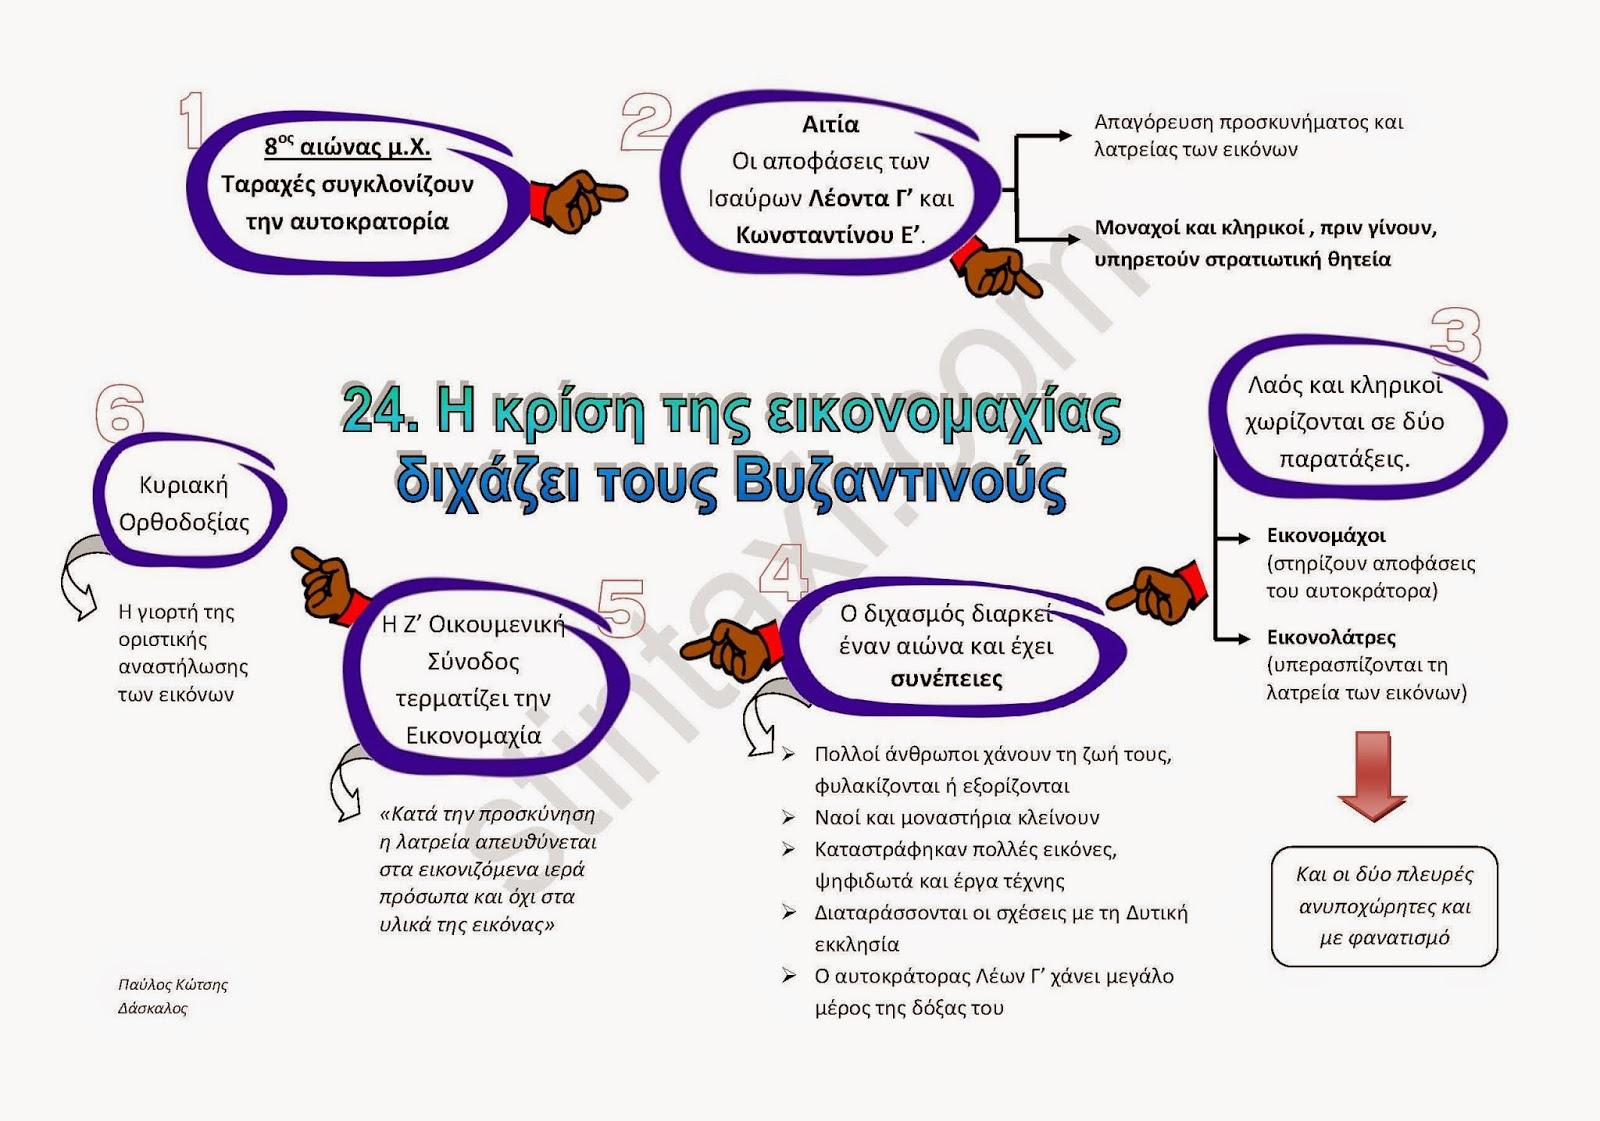 http://www.stintaxi.com/uploads/1/3/1/0/13100858/hist-e-24-v2.pdf